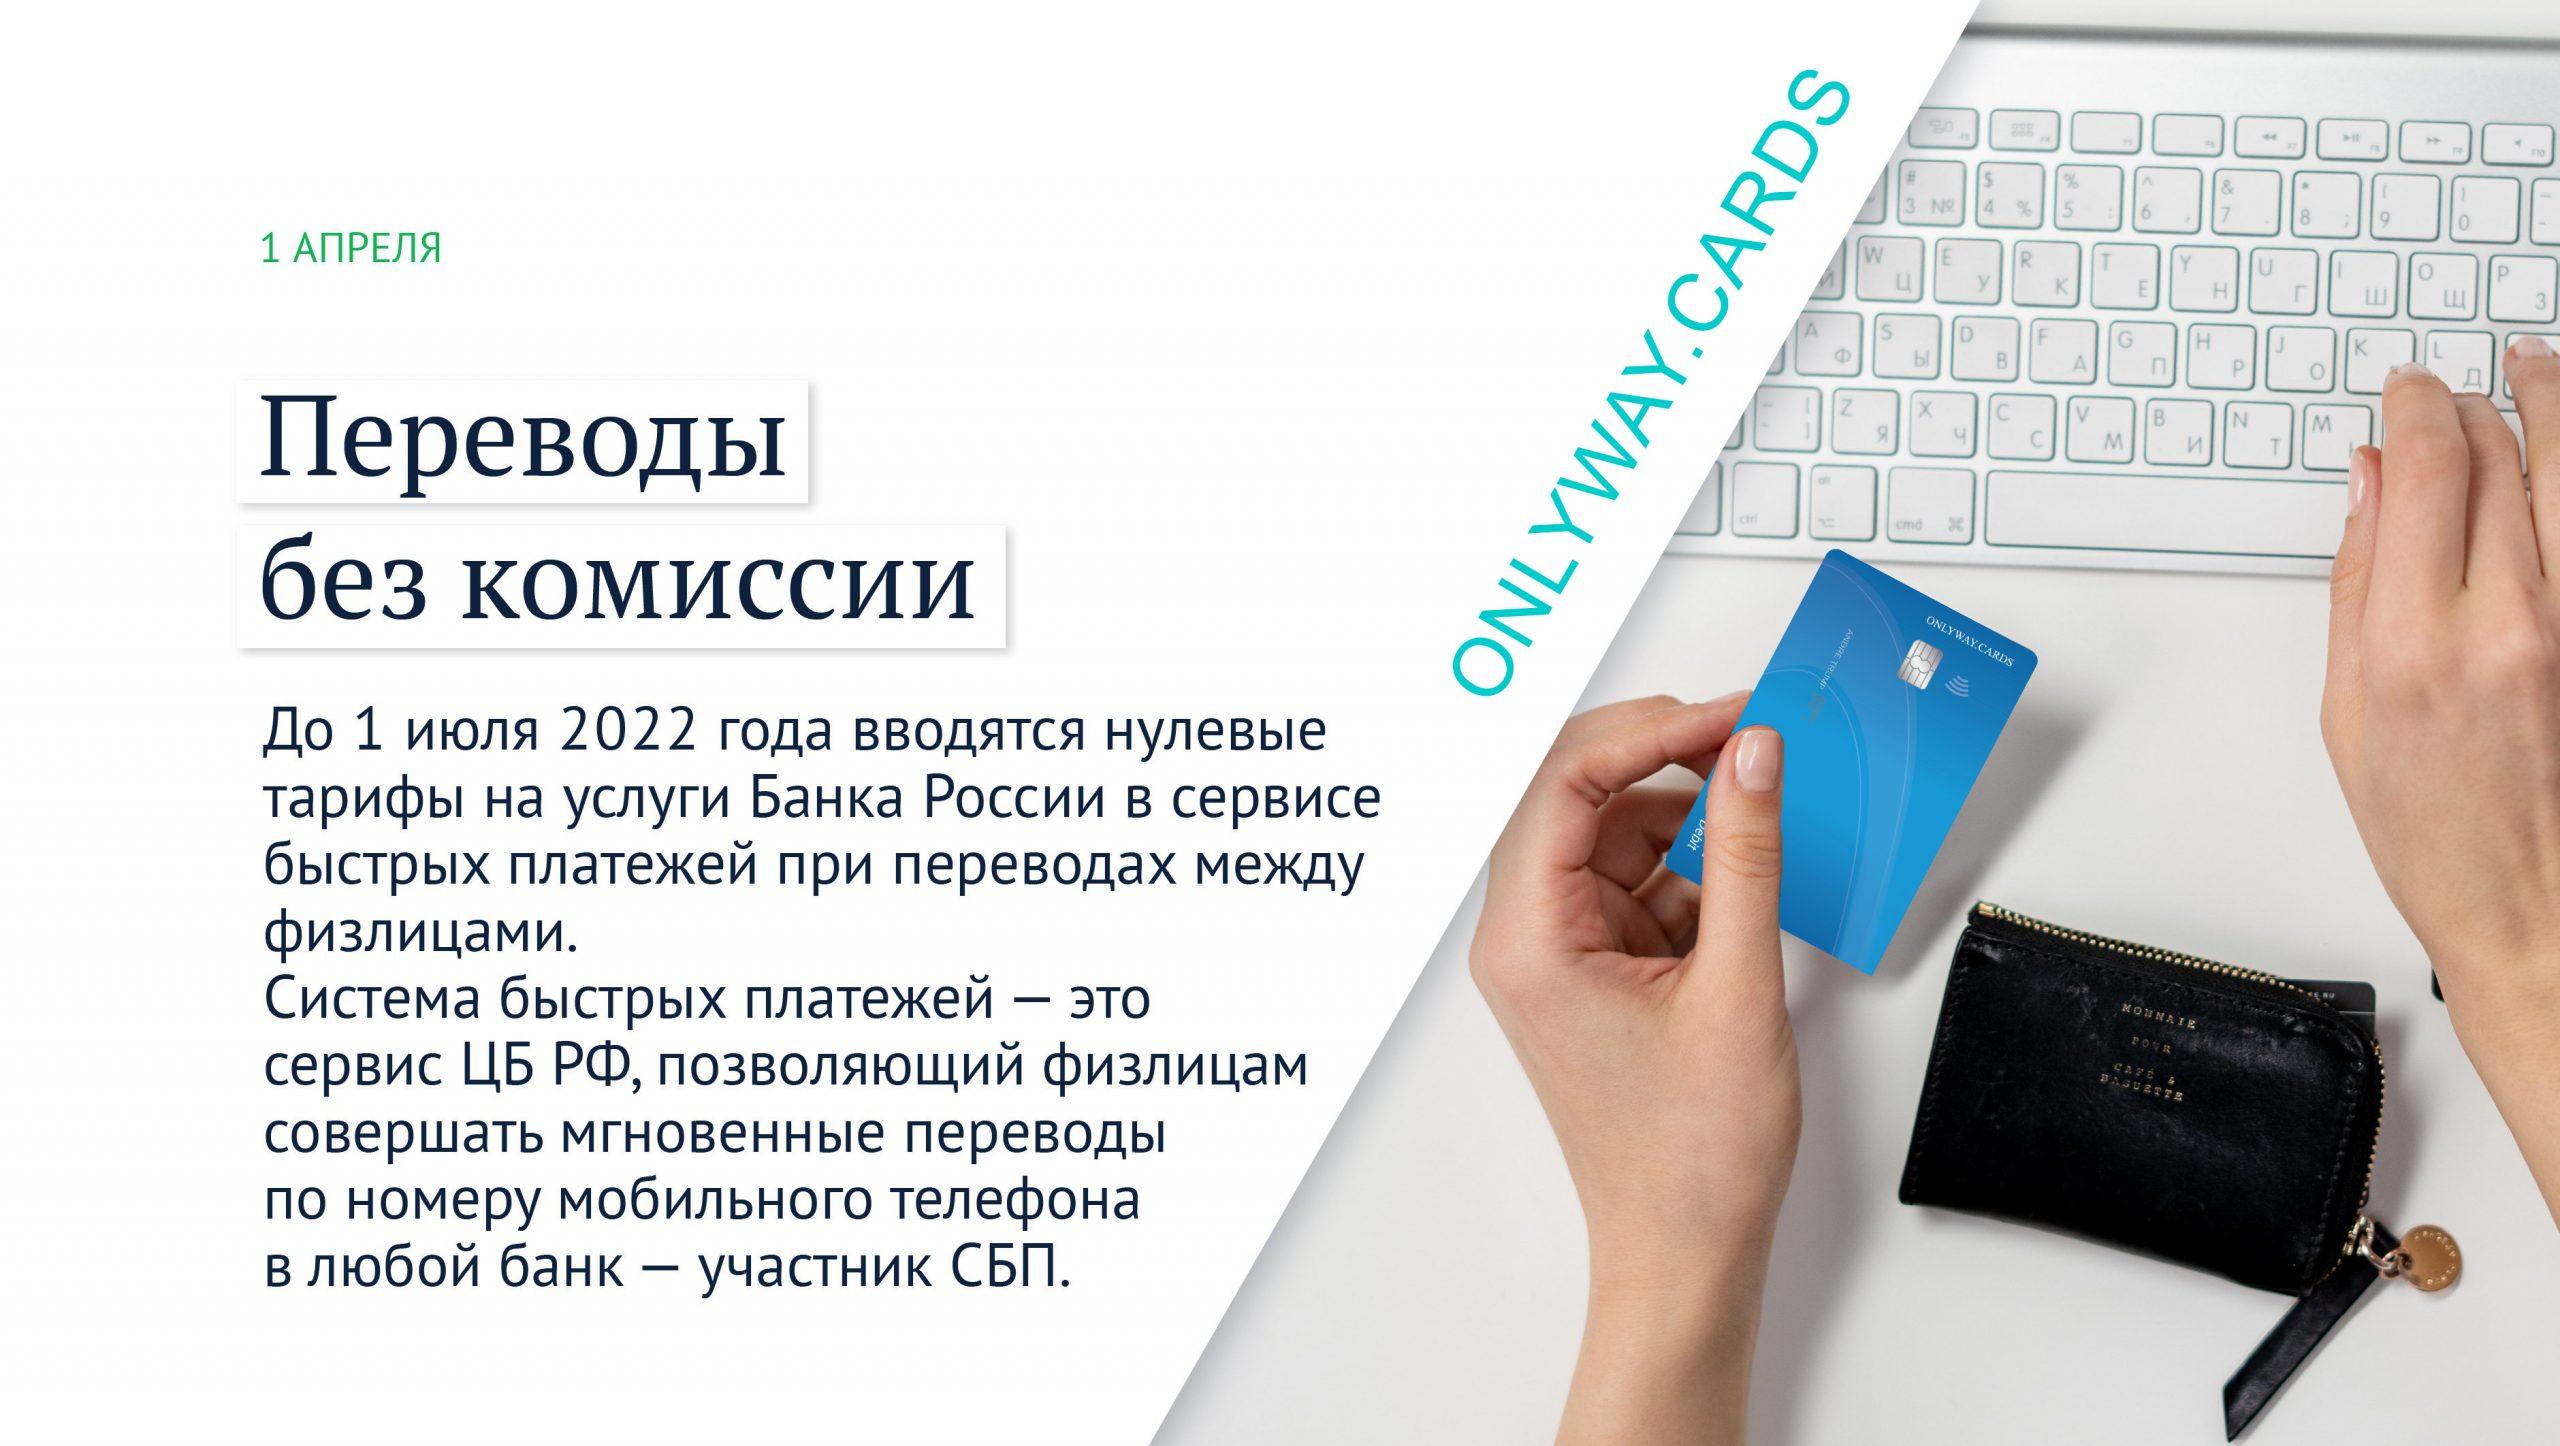 Вводятся нулевые тарифы на услуги Банка России